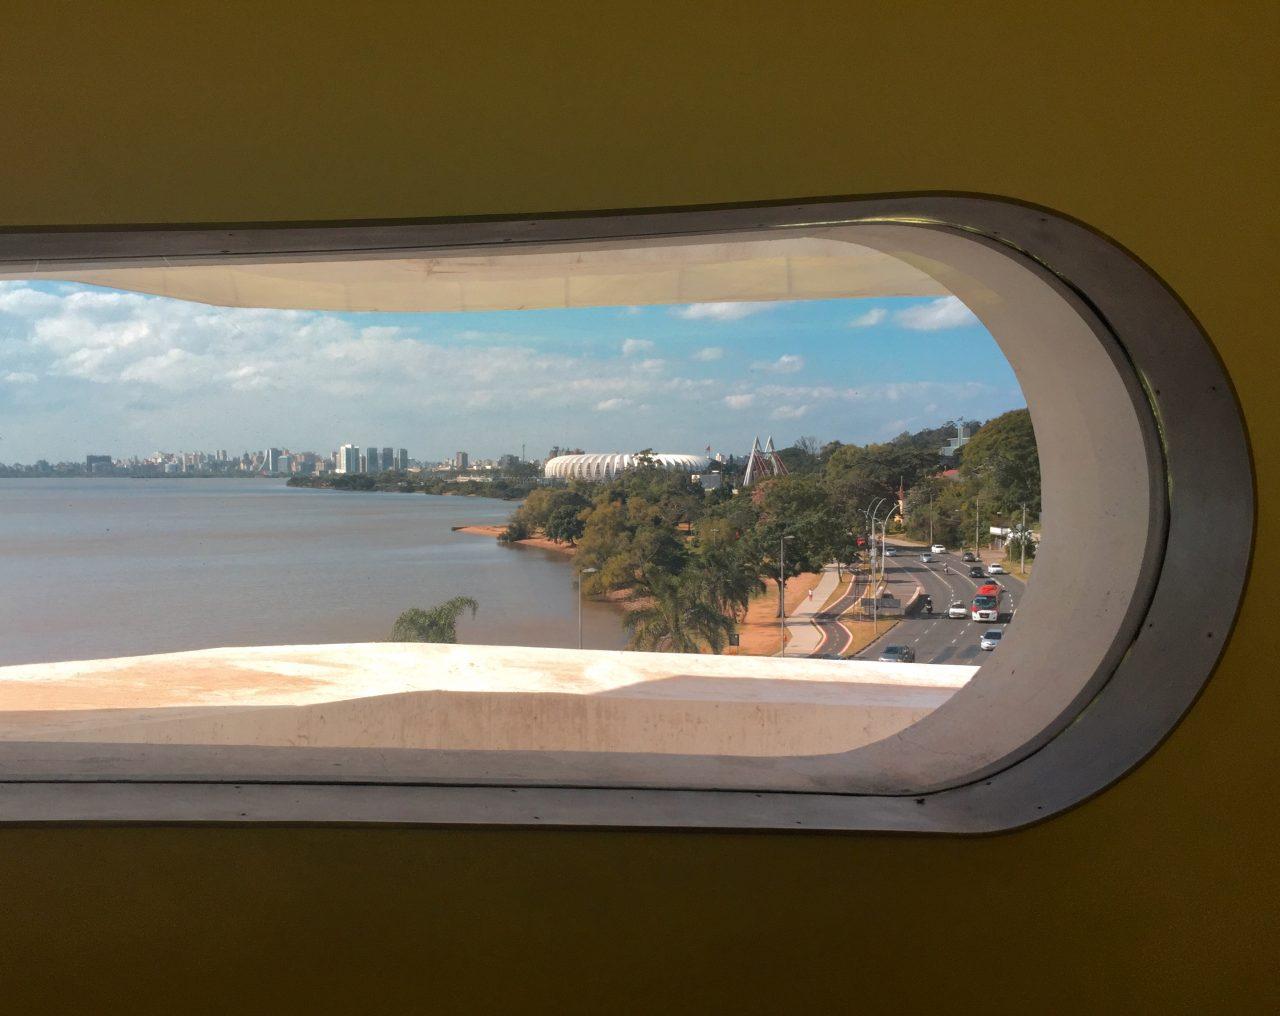 Vista do Rio Guaíba e da orla de Porto Alegre, da Fundação Iberê Camargo - foto: Renato Salles